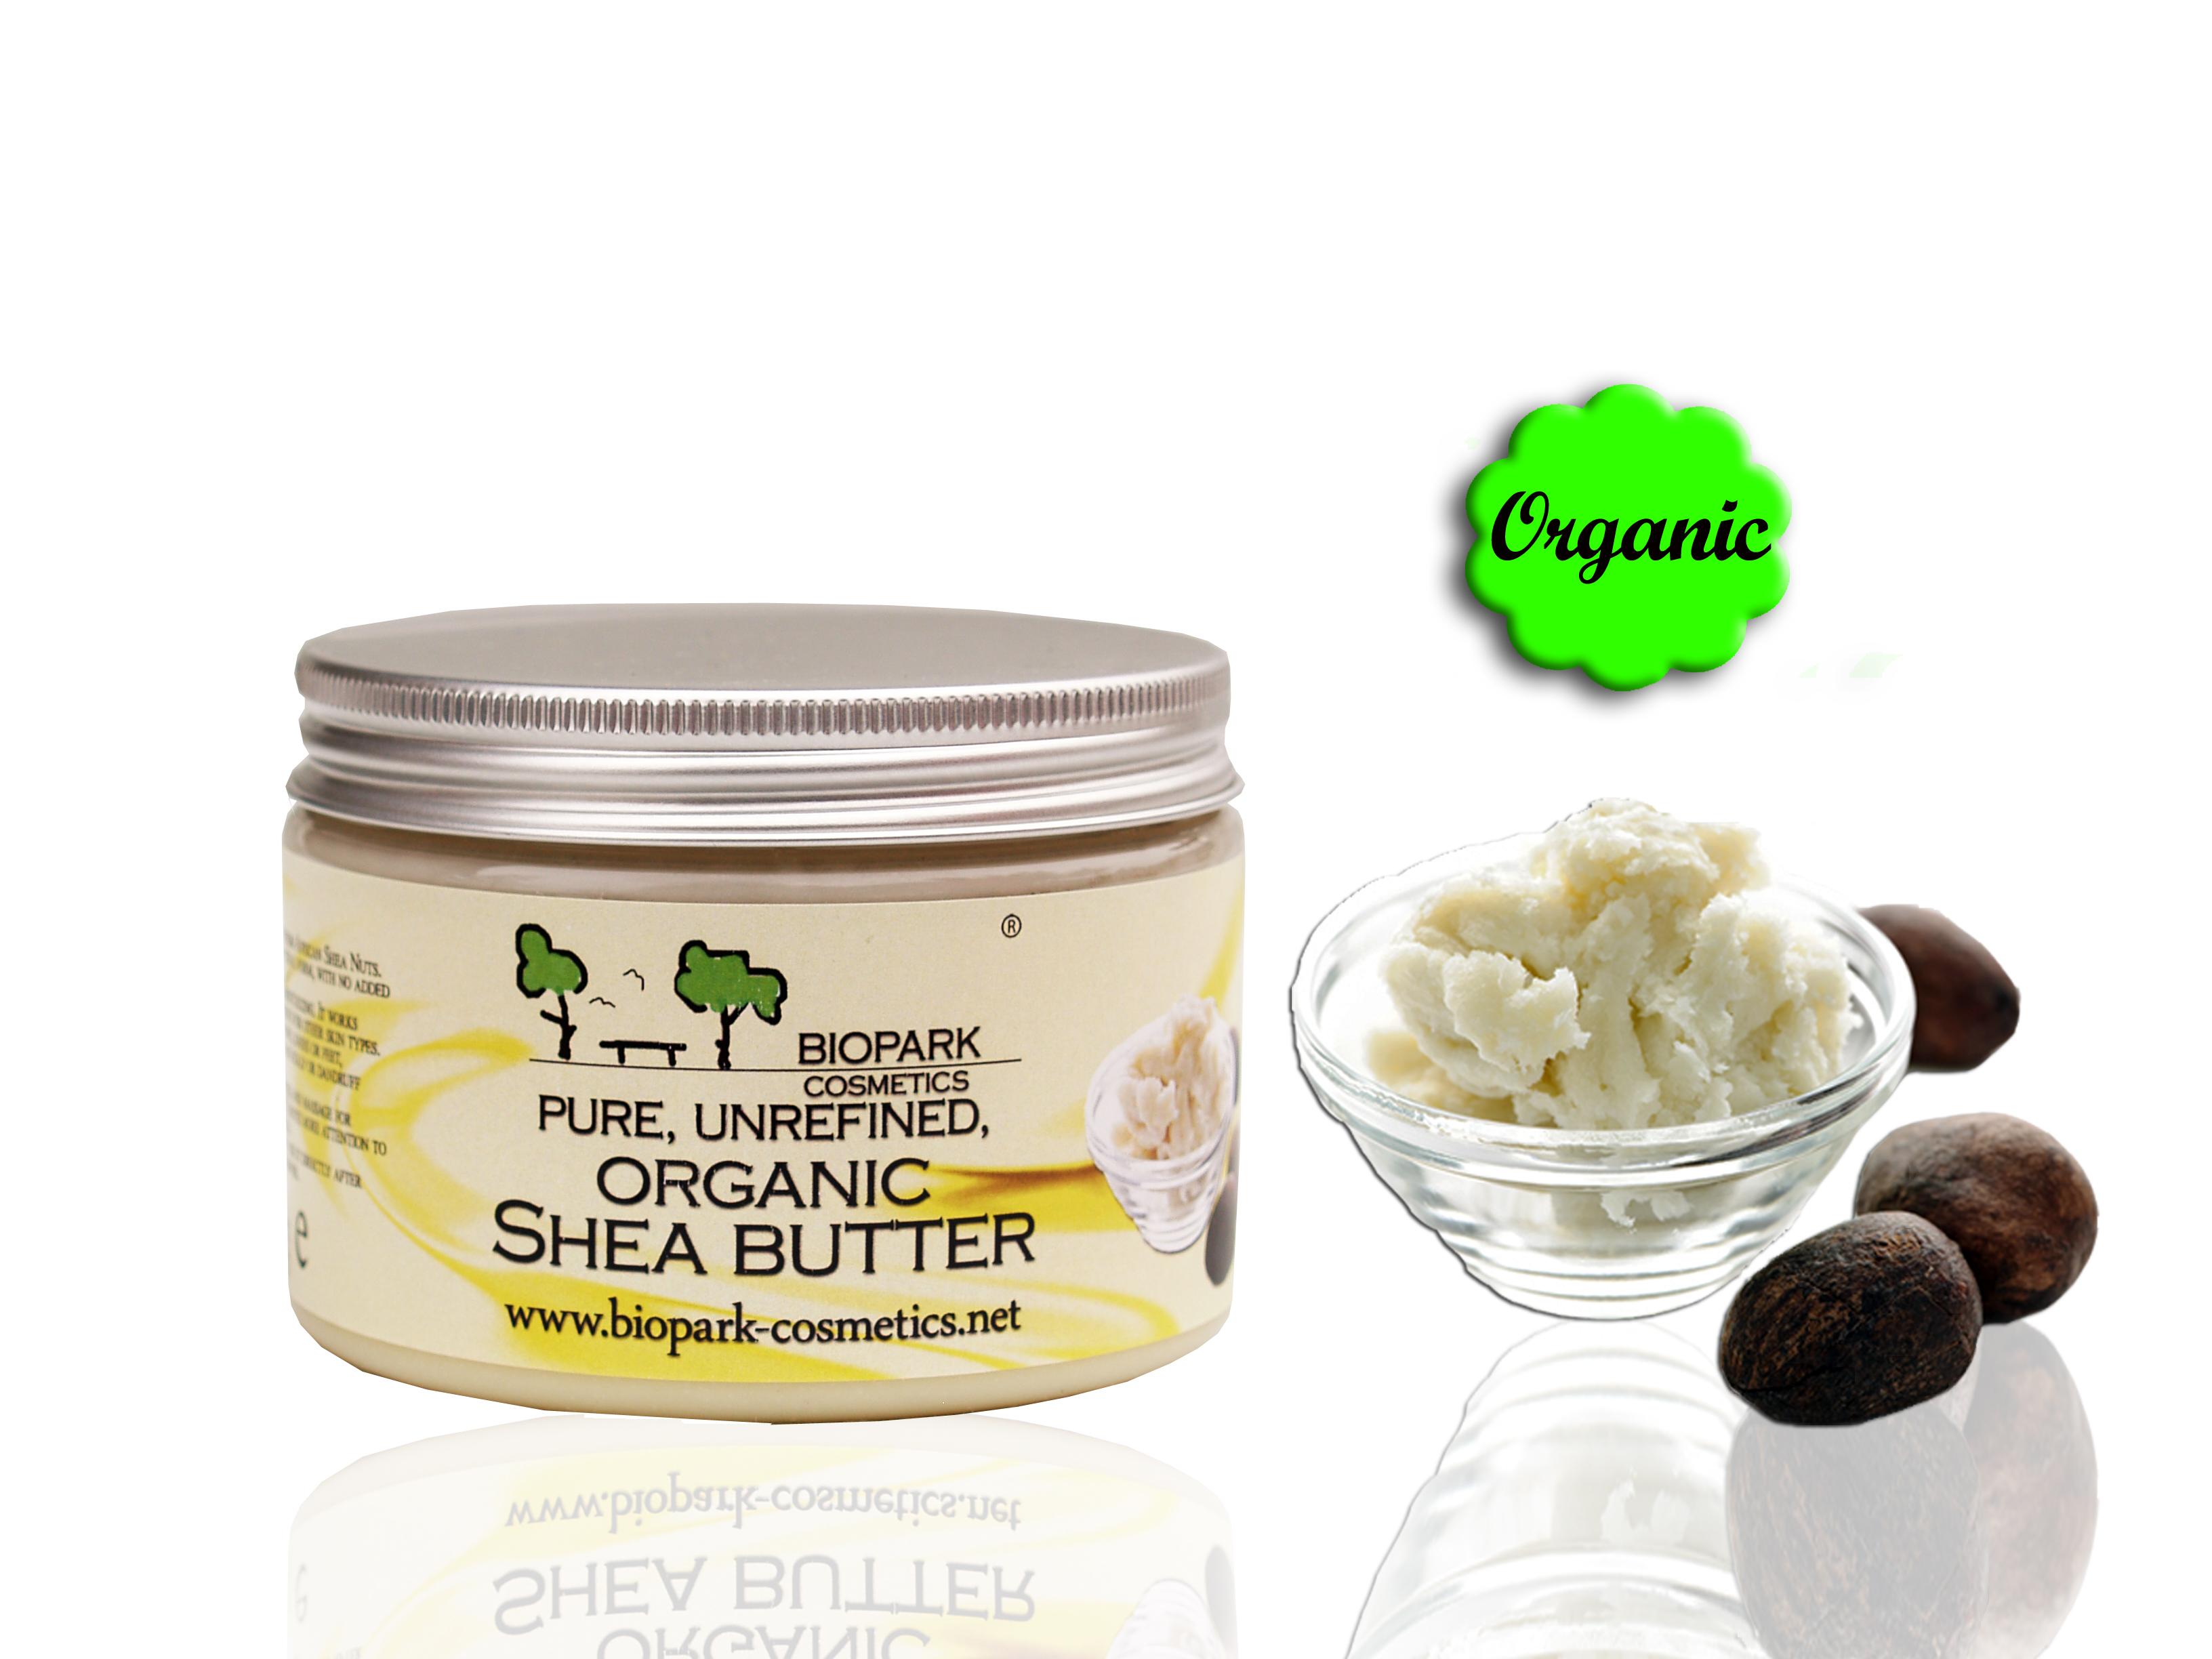 Shea-Butter-Organic- 250g